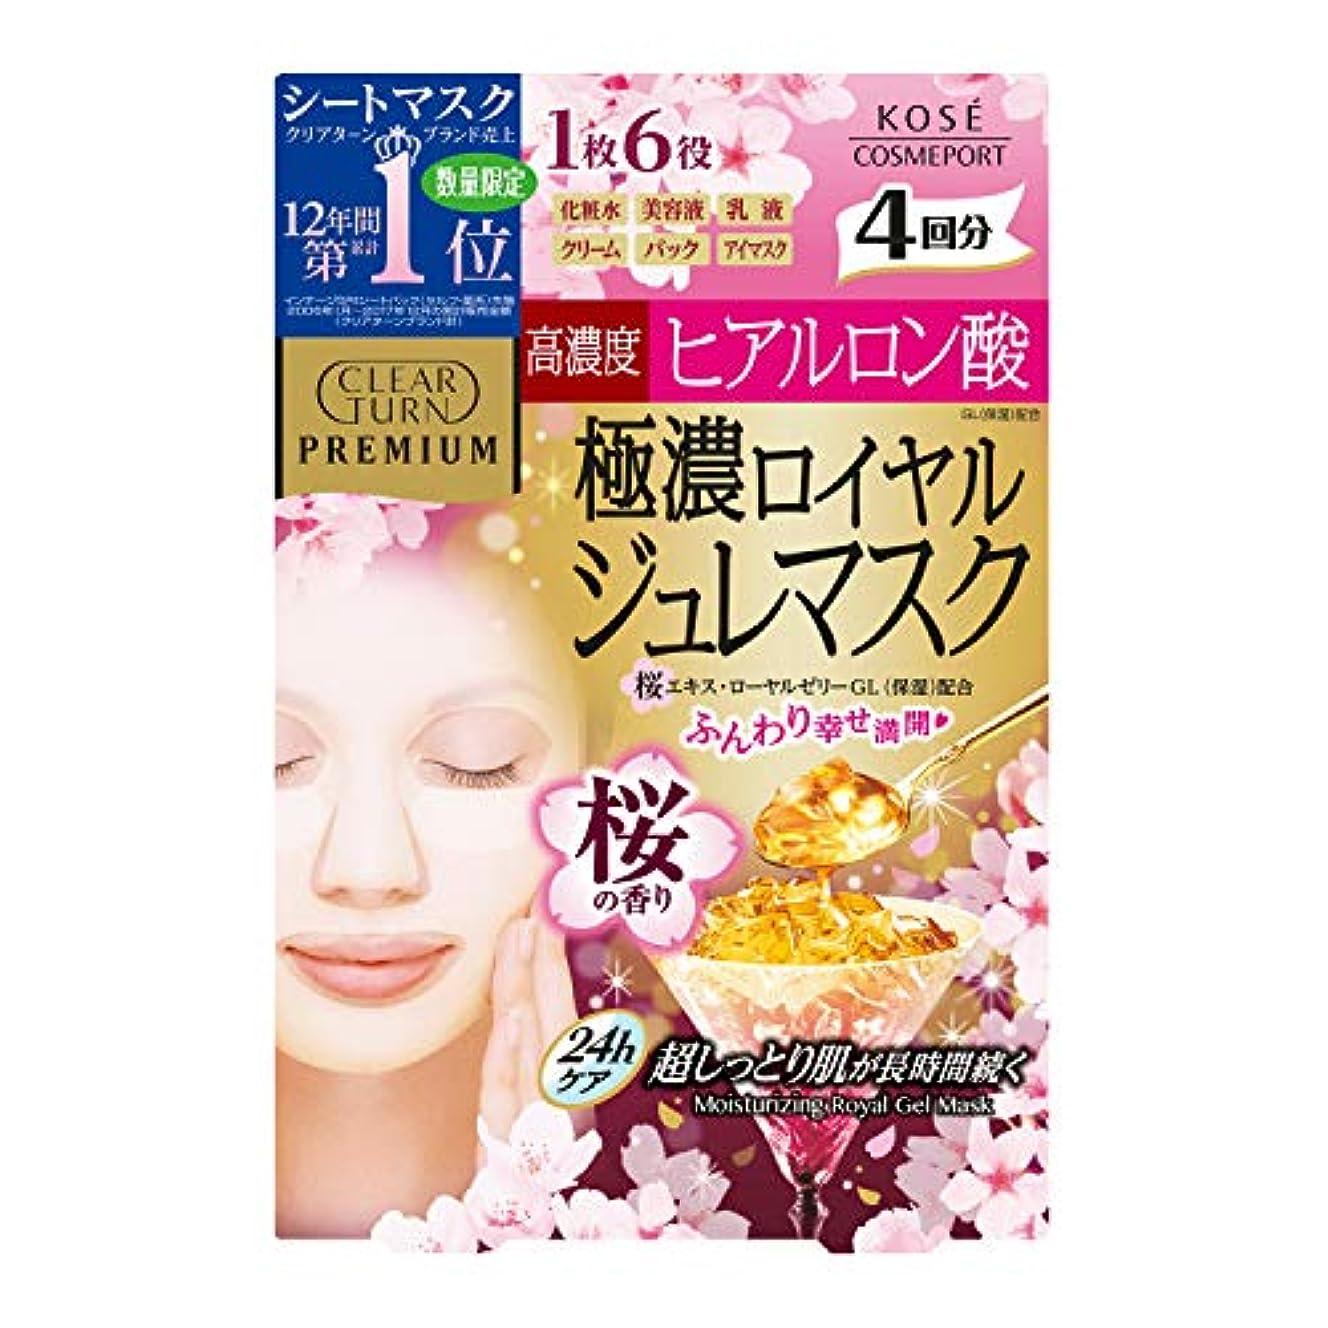 エコーハイブリッドバイバイKOSE クリアターン プレミアムロイヤルジュレマスク(ヒアルロン酸)4回 桜の香り